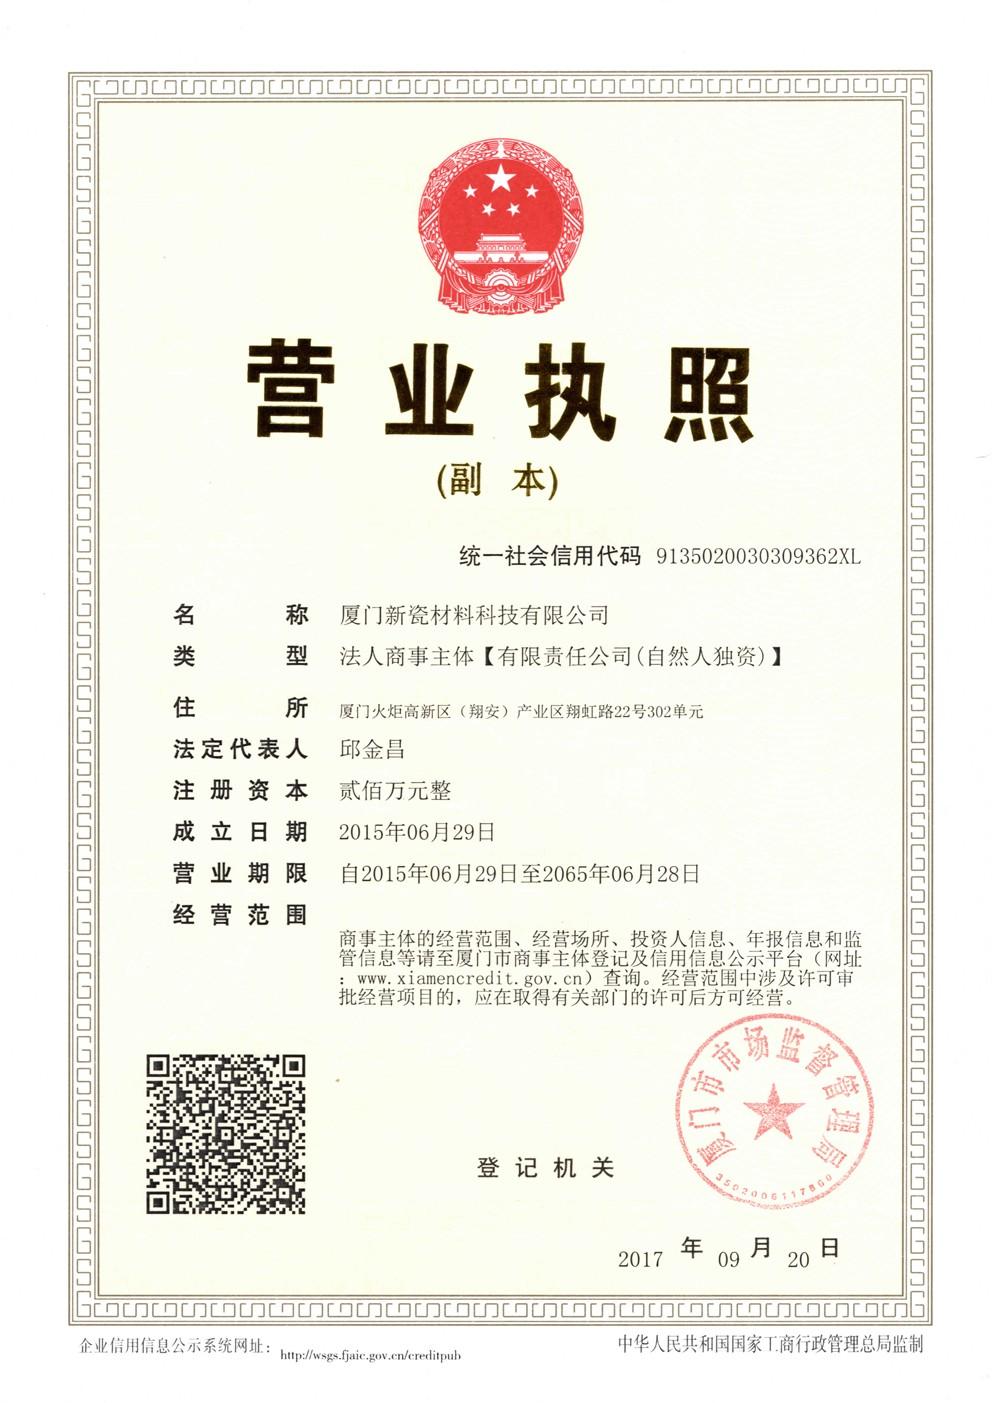 ID de la compañía